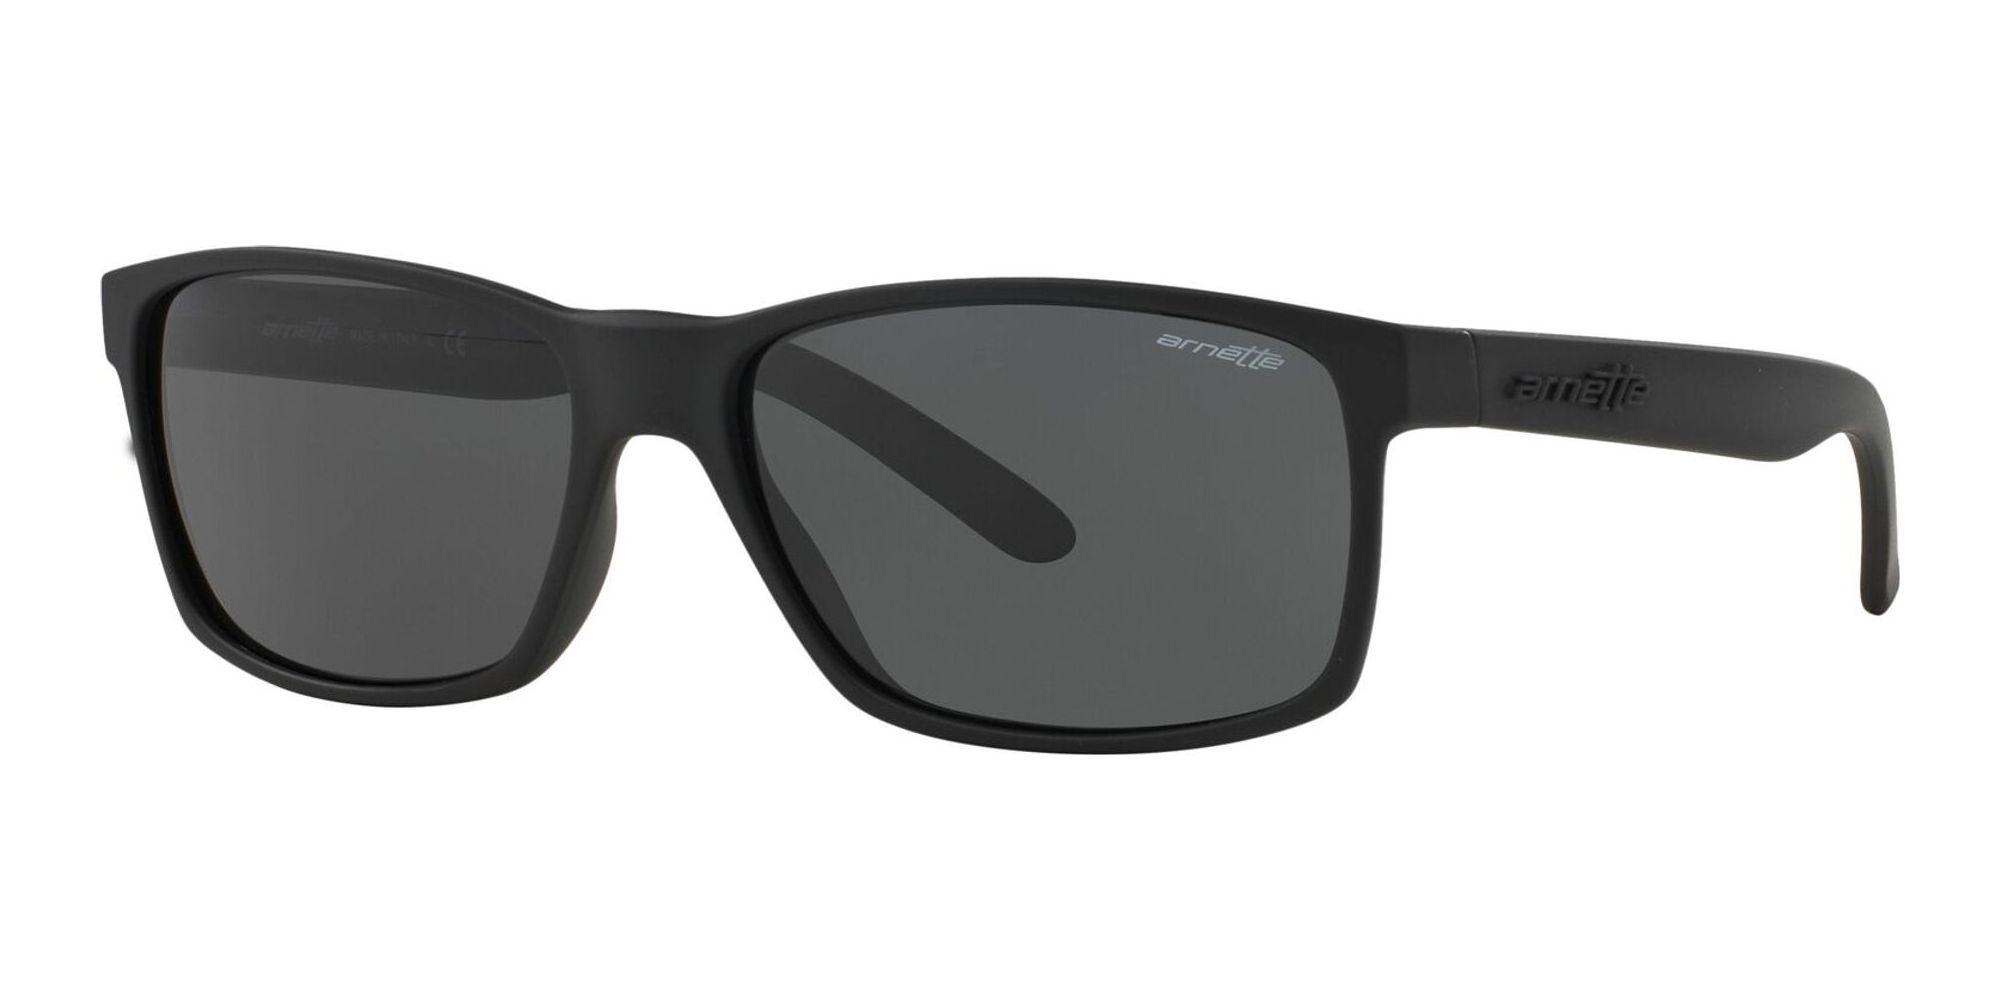 0e6e496a5d4 How To Spot Fake Arnette Sunglasses